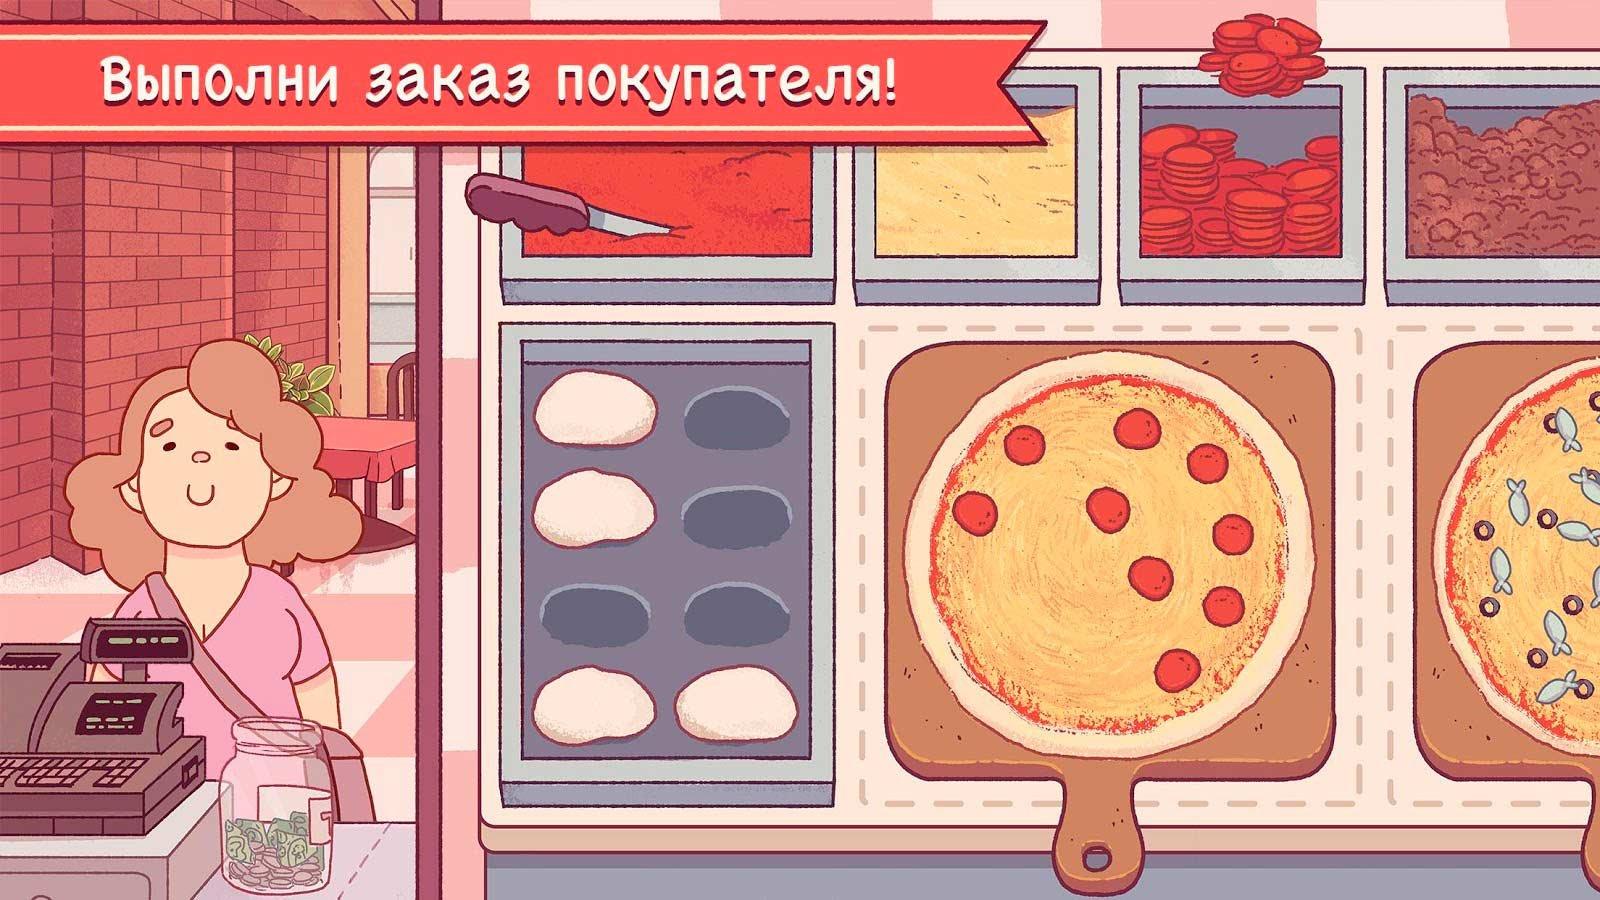 хорошая пицца отличная пицца